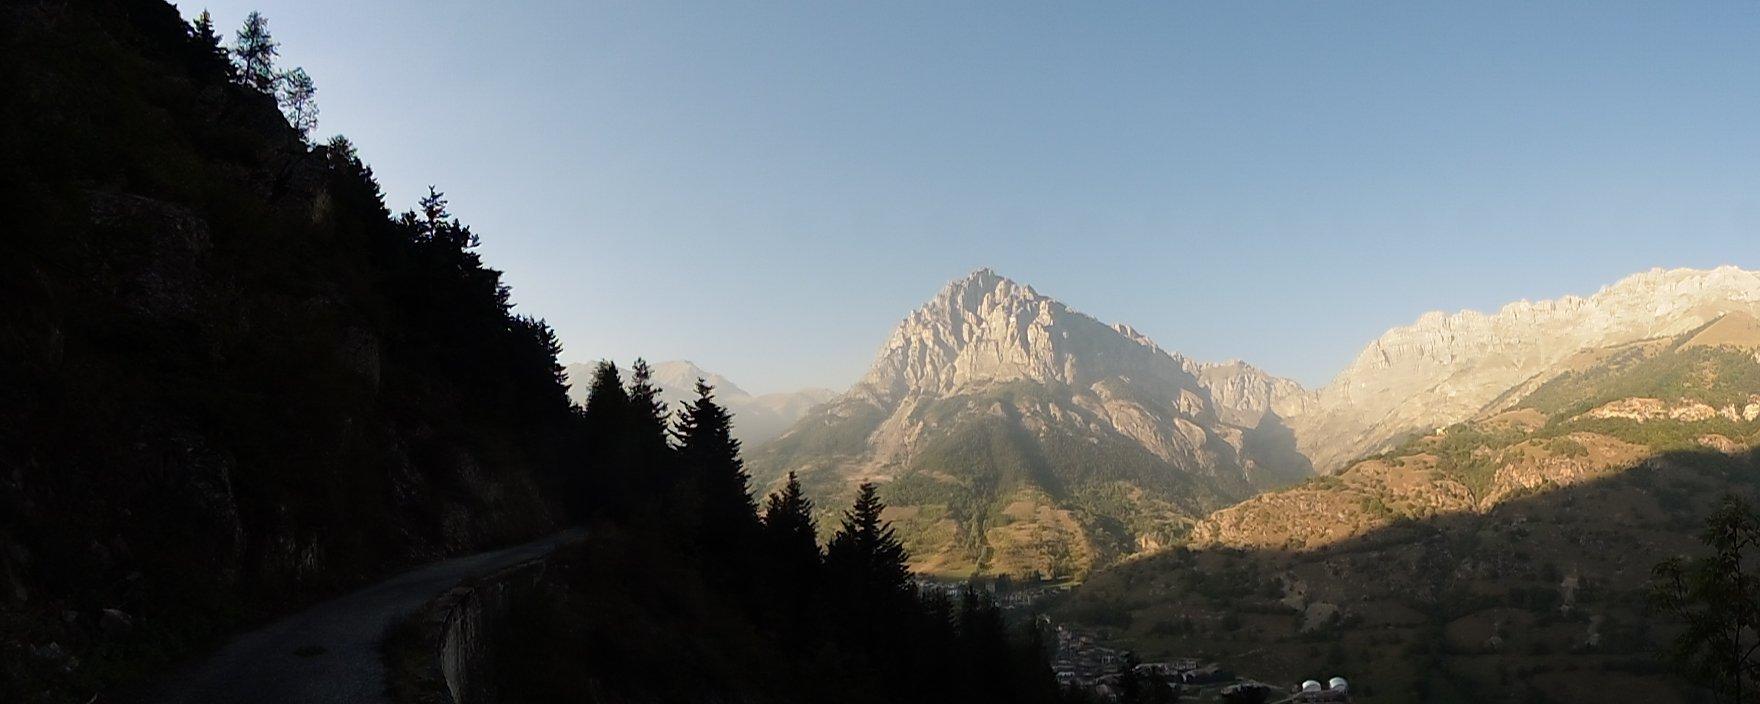 Panorama depuis la Cyclovia en corniche au dessus du Val Stura ; le mont Bersaio 2386 m